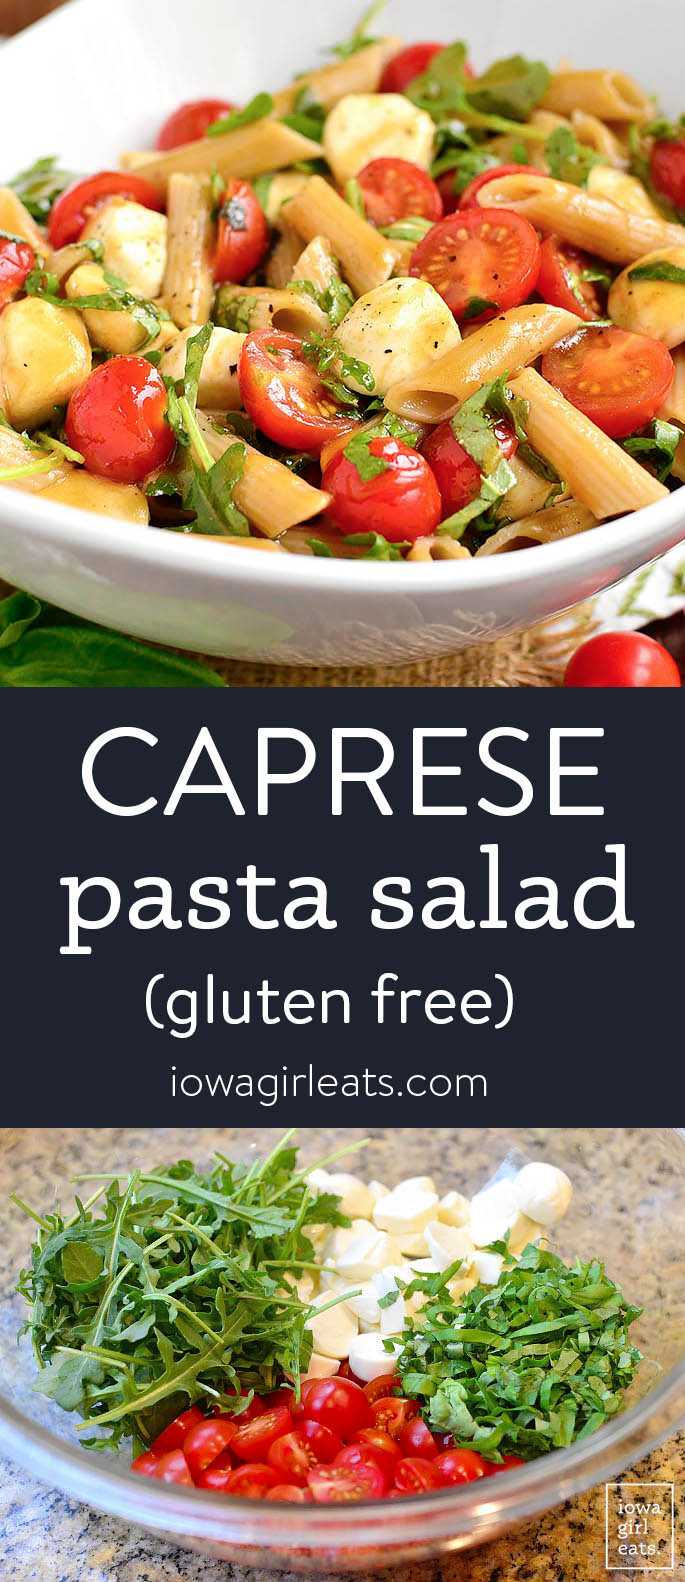 Photo collage of caprese pasta salad